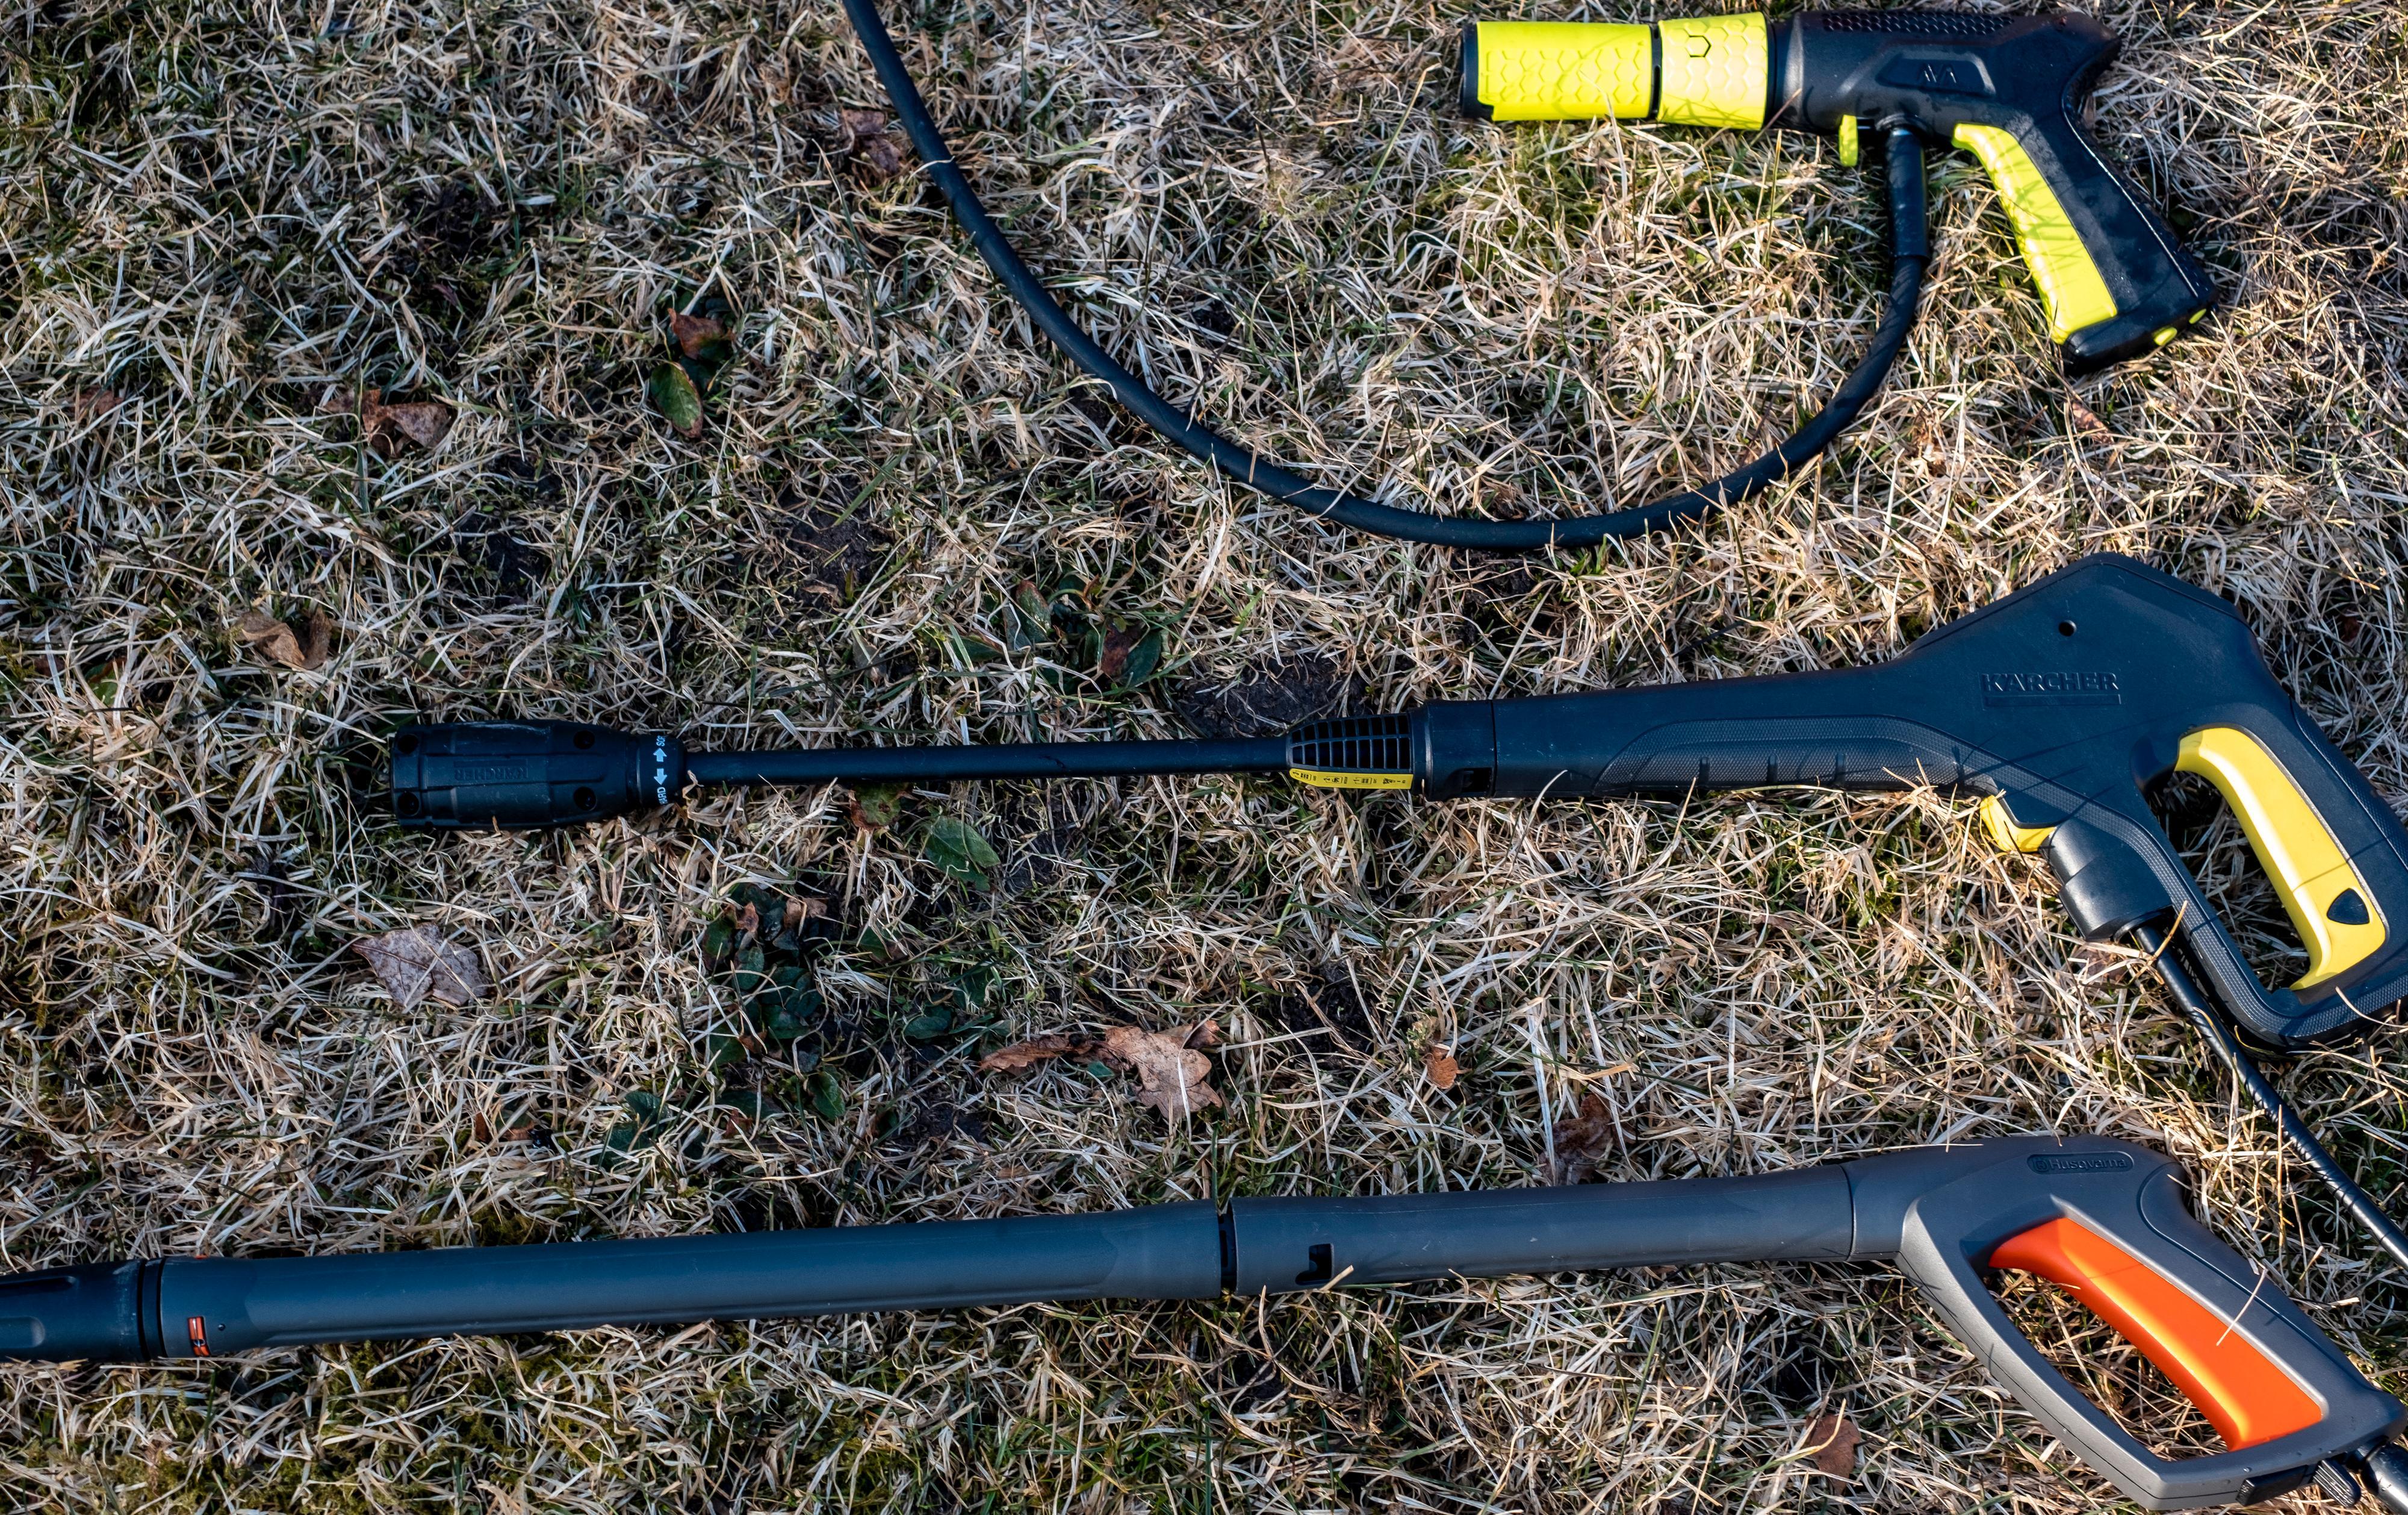 En rekke ulike dyser: AVAs spyler kommer med en kompakt pistolgrepsdyse, mens et par av testens andre deltakere har dyser som lar deg kontrollere trykket rett på håndtaket. Den vanligste typen er den enkle, og større tysen som kun lar deg justere bredden på strålen.